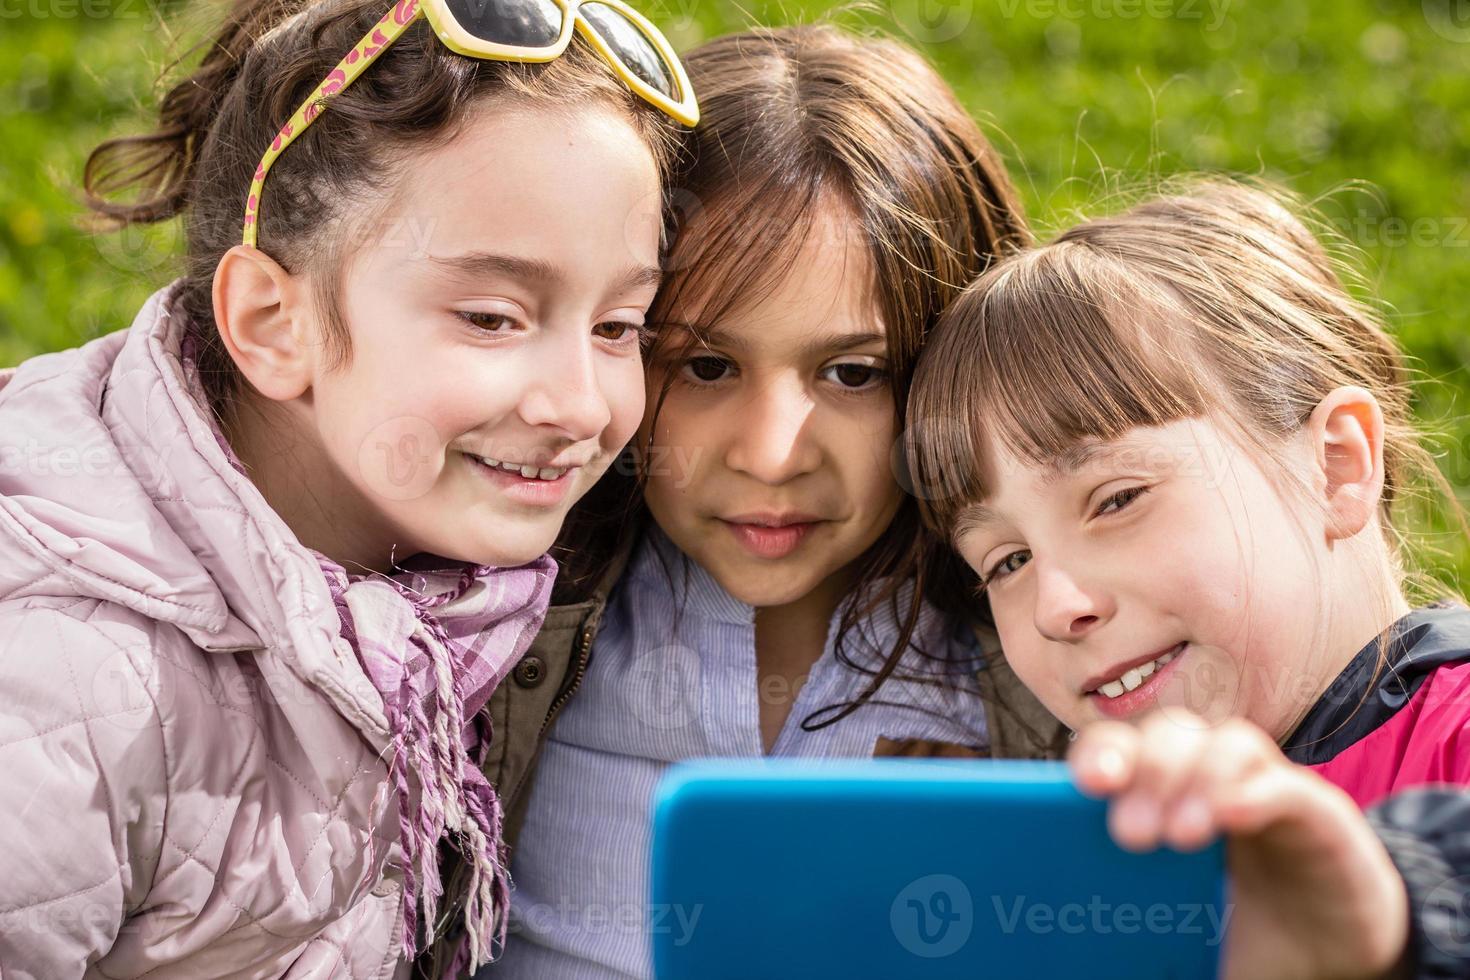 foto di ragazze che fanno selfie